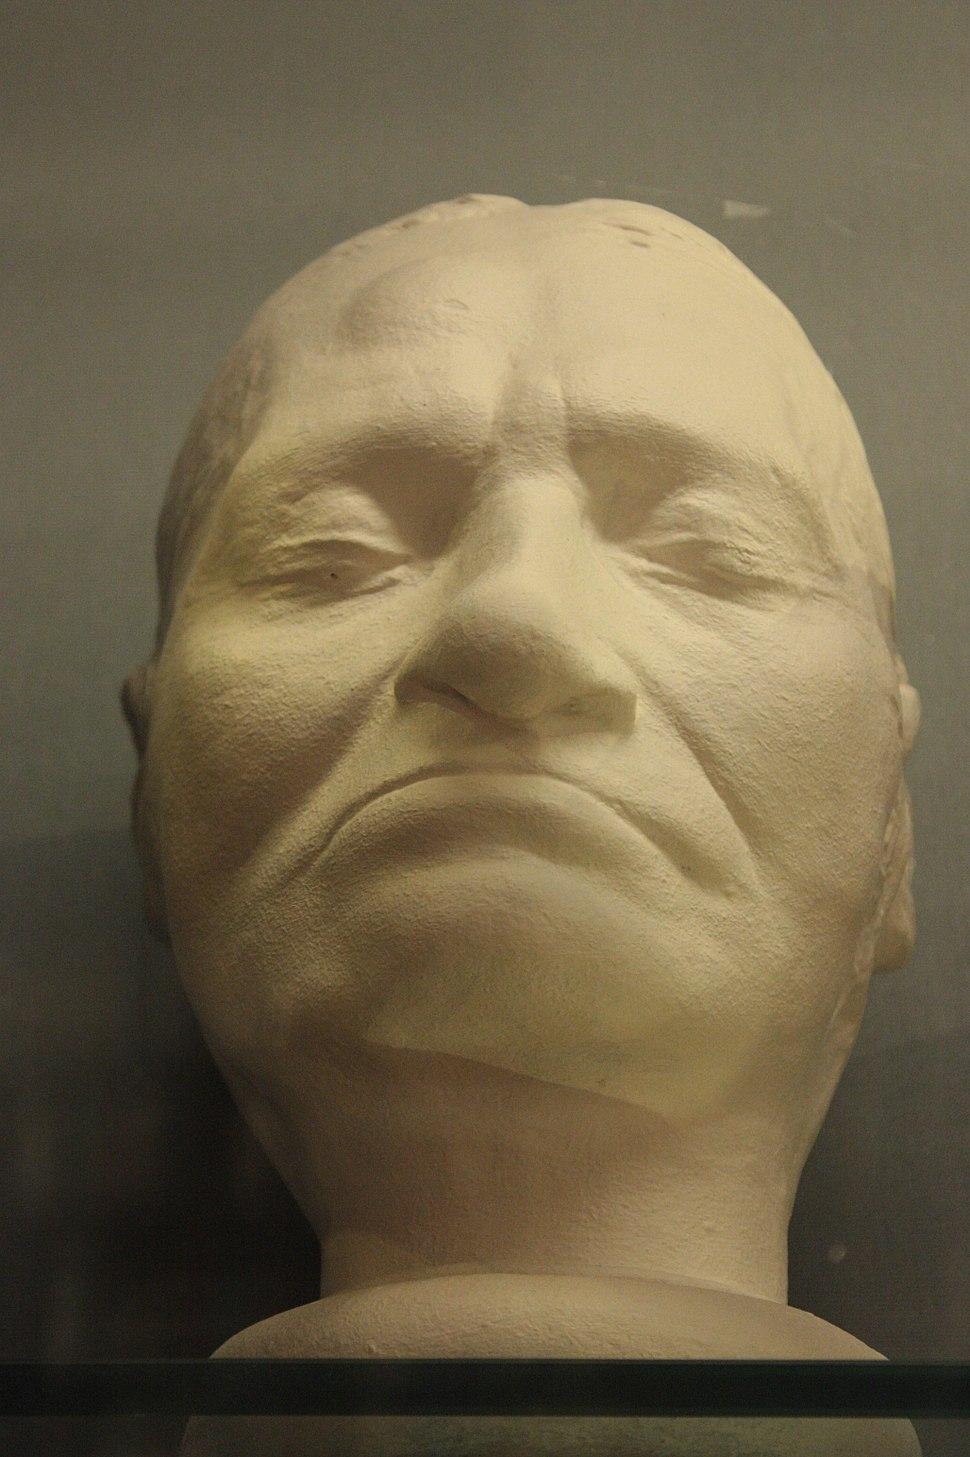 Death mask of Jacques-Louis David, 1825